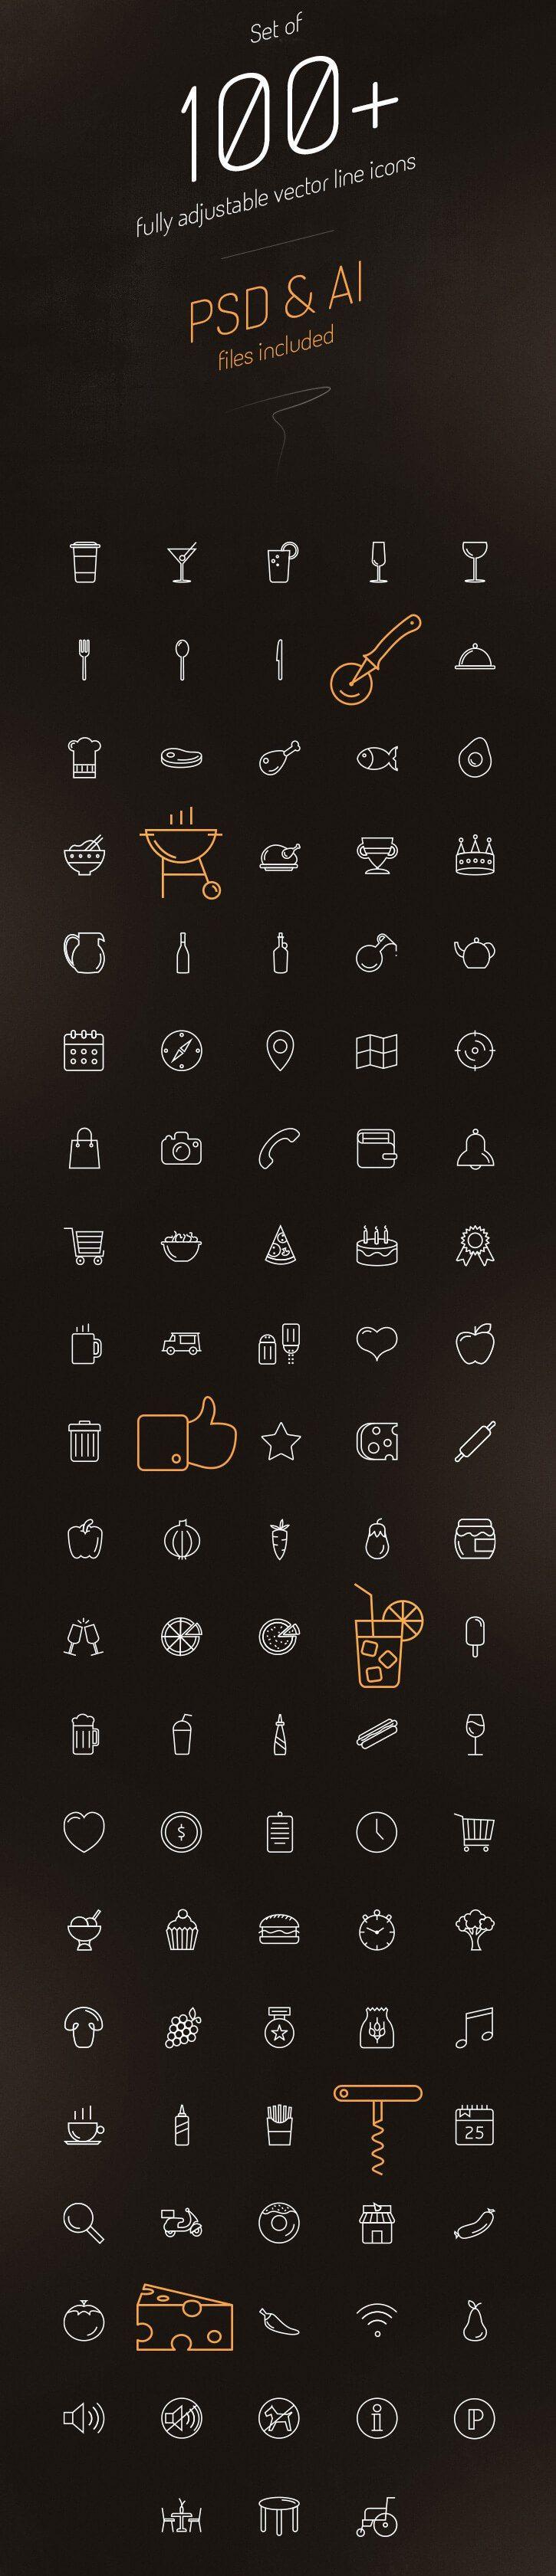 iconos para restaurantes